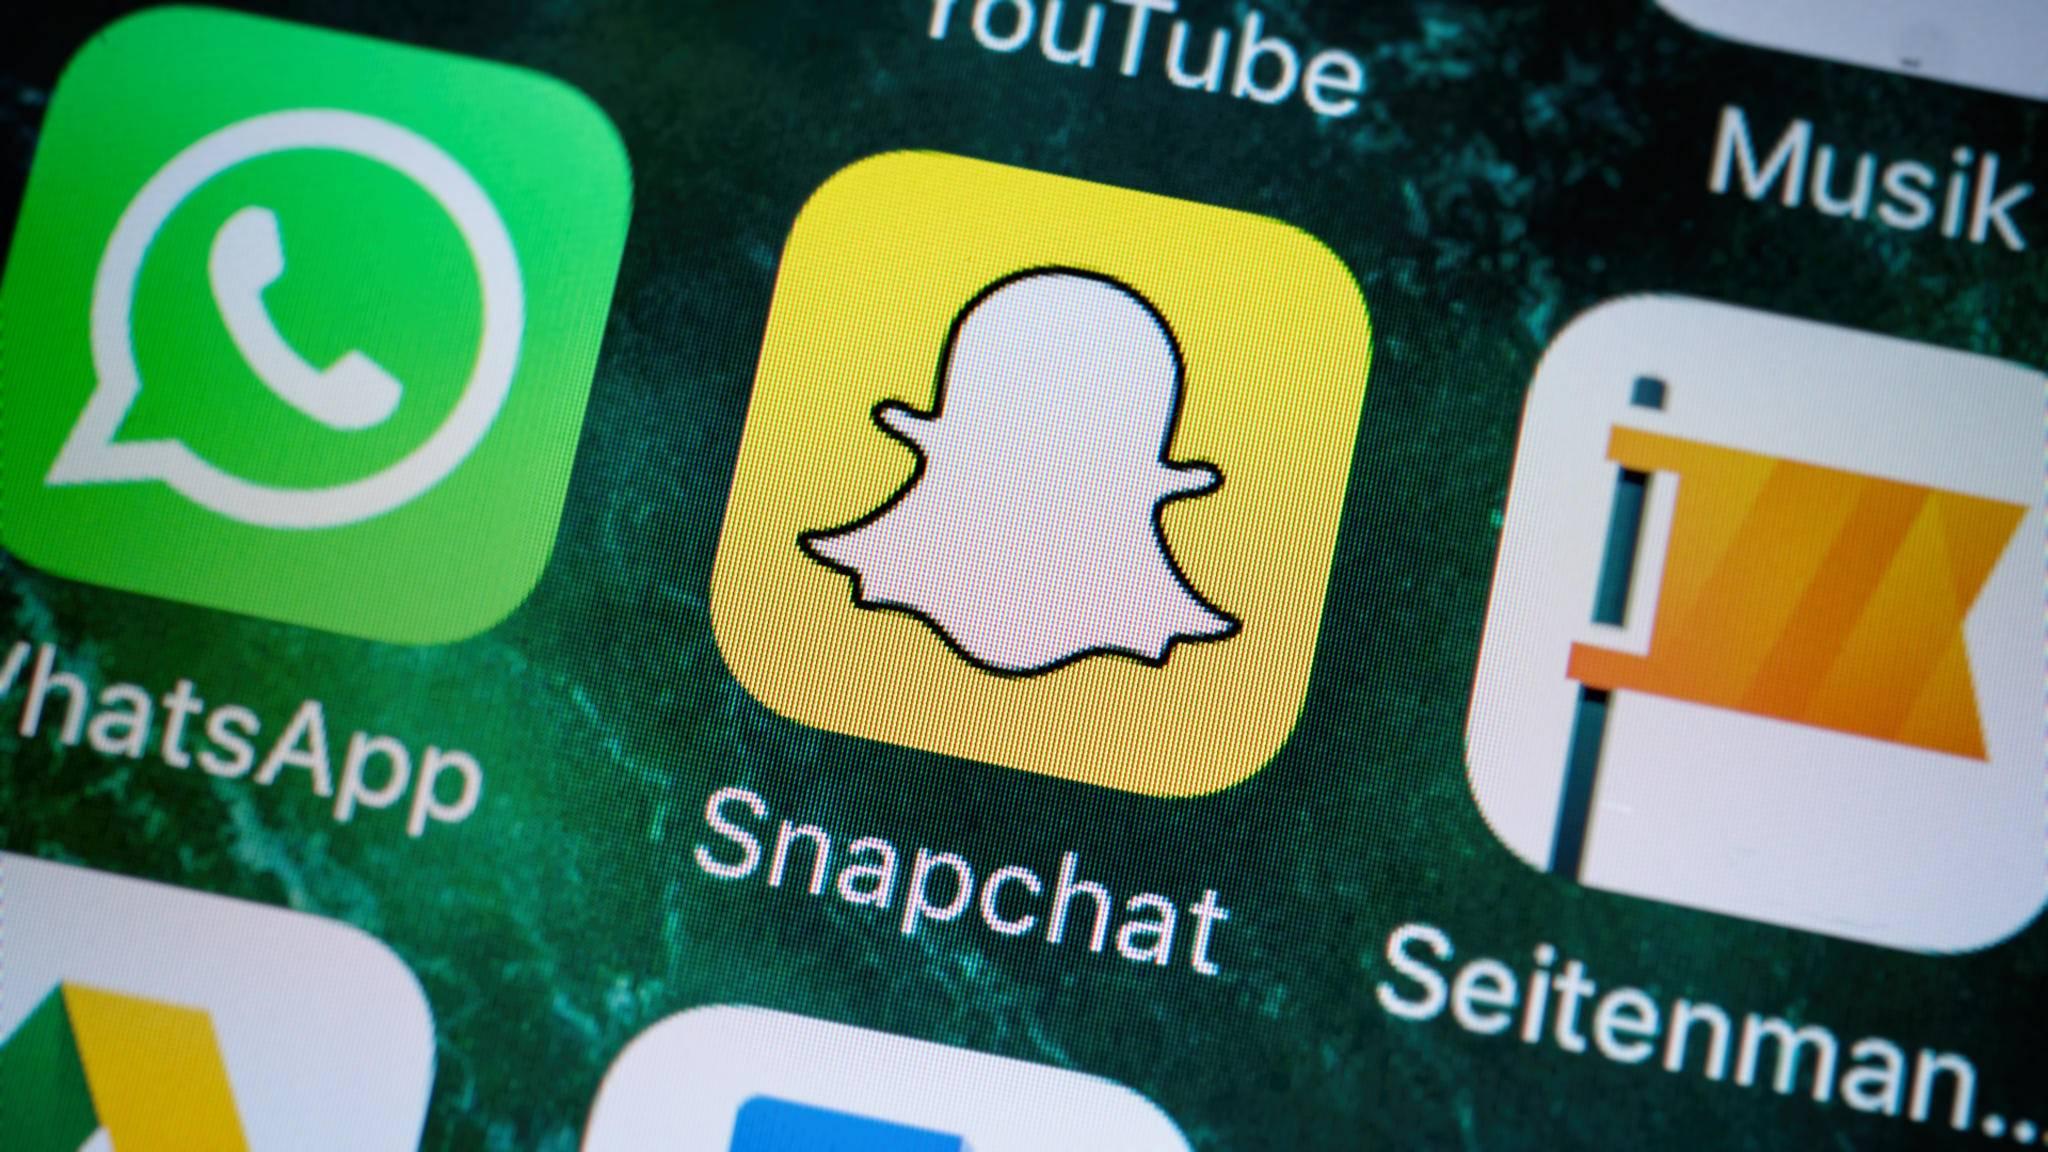 Snapchat lässt seine Nutzer jetzt Geofilter direkt innerhalb der App erstellen.